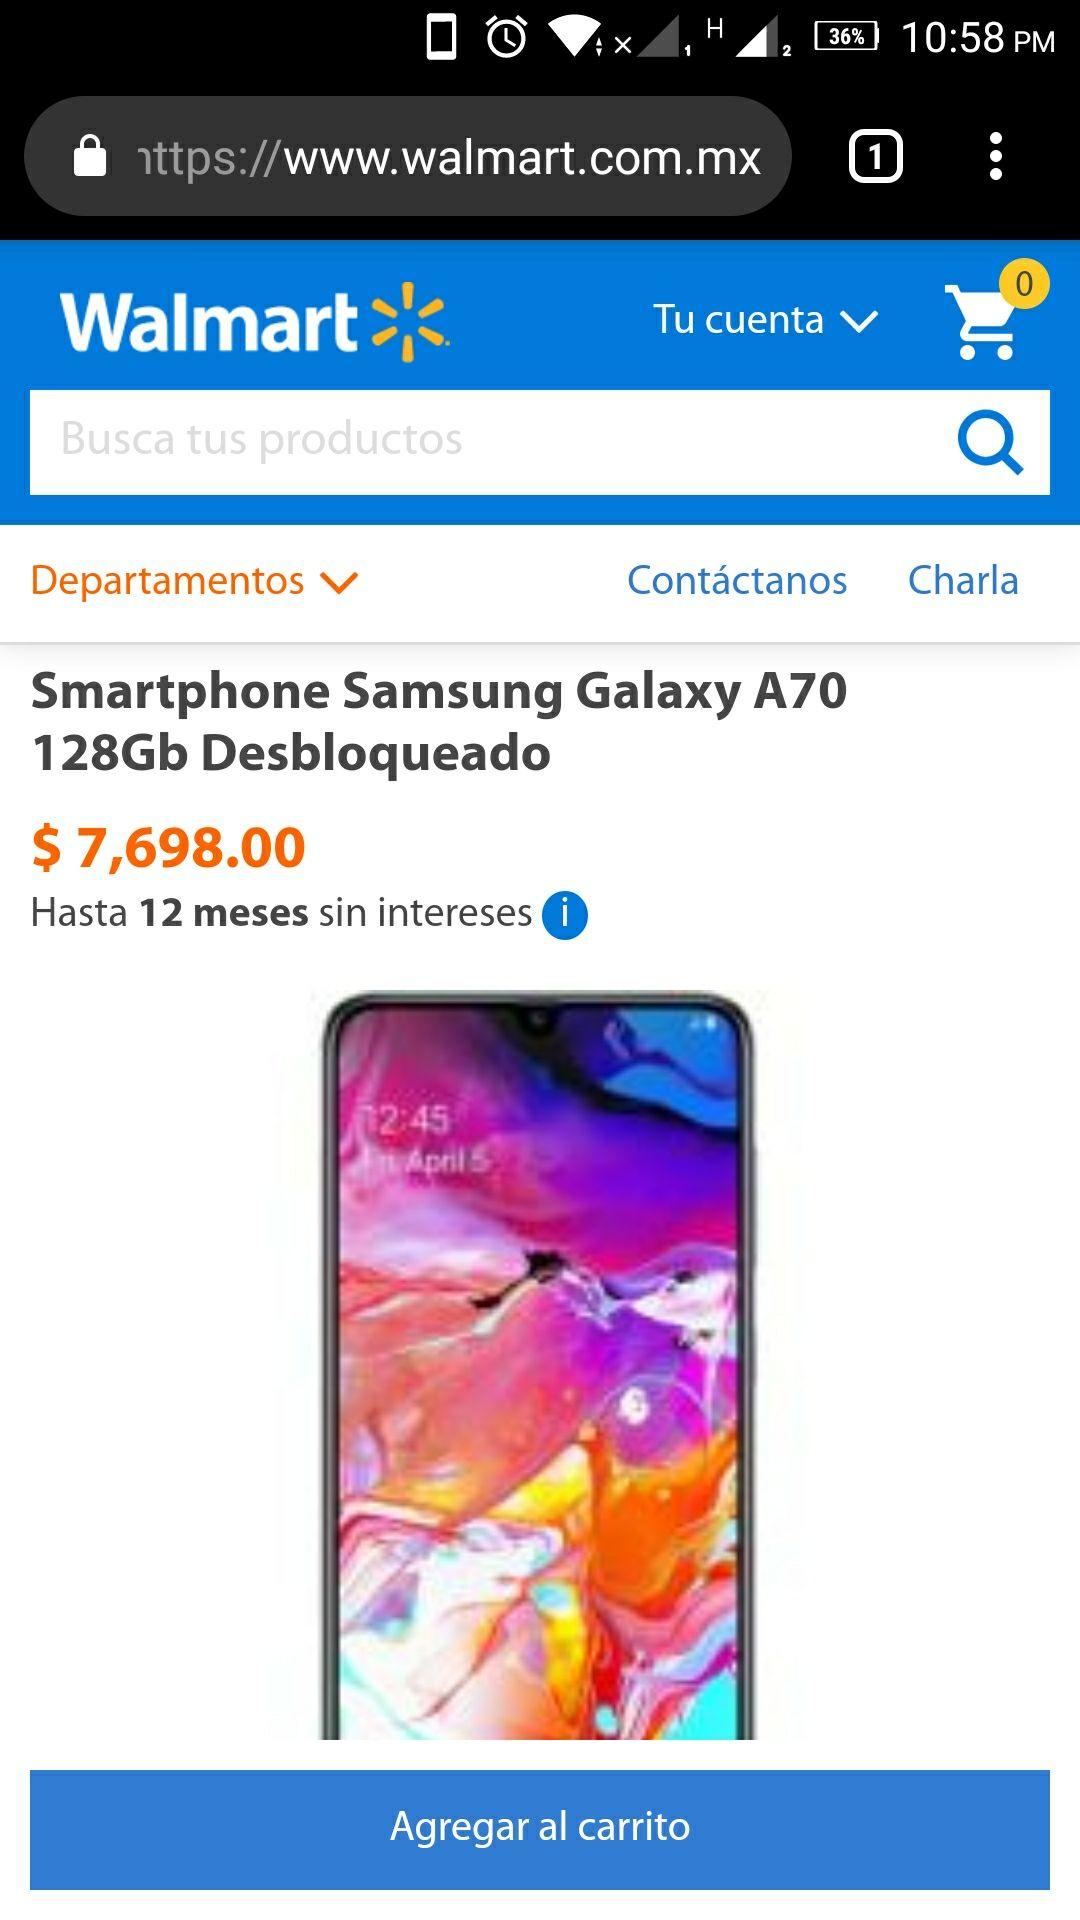 Walmart: Galaxy a70